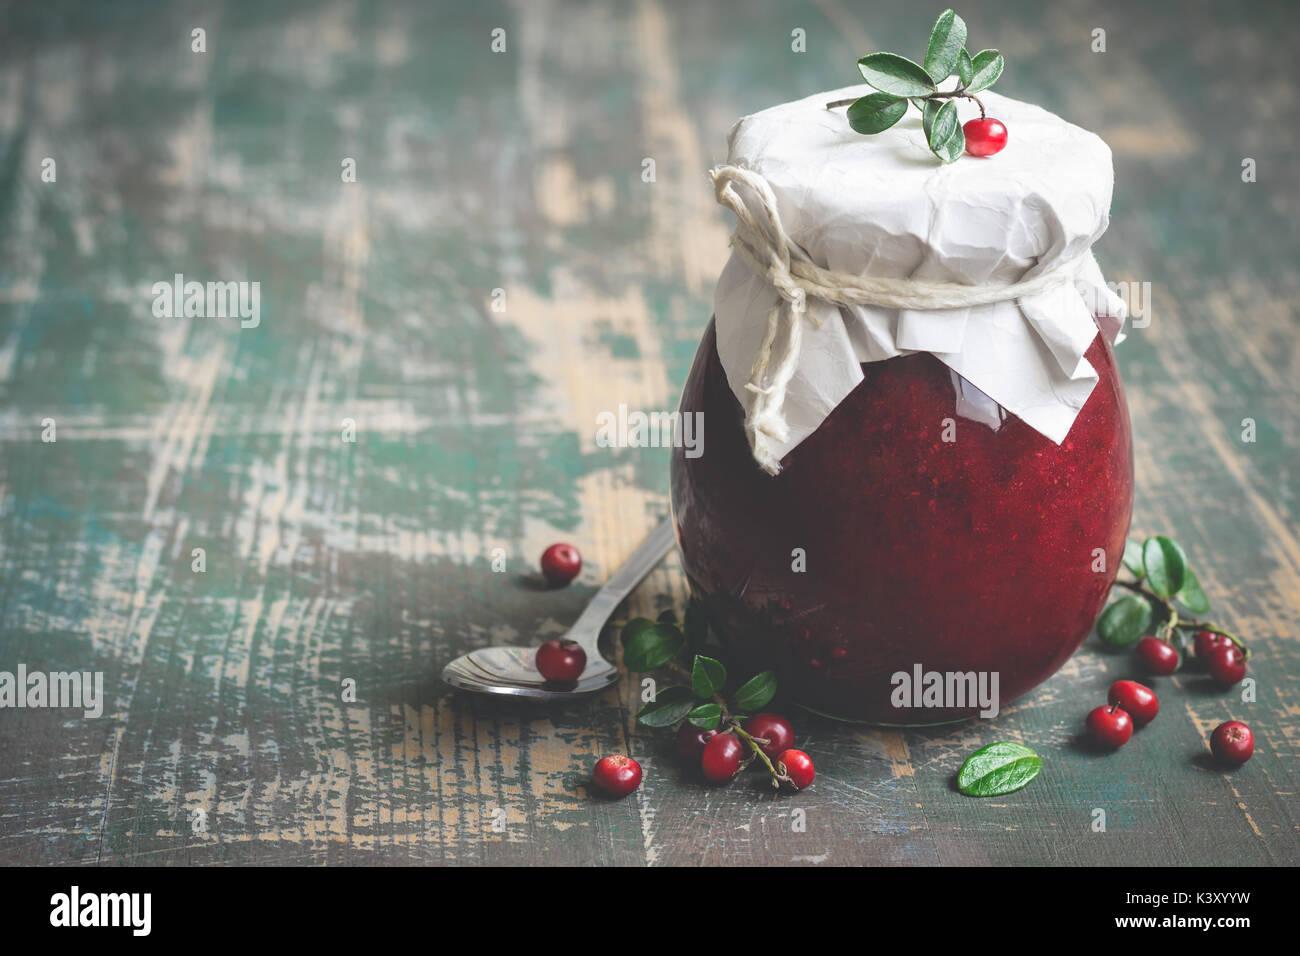 Mermelada de arándano rojo en la jarra y bayas frescas. El enfoque selectivo, espacio de copia Imagen De Stock